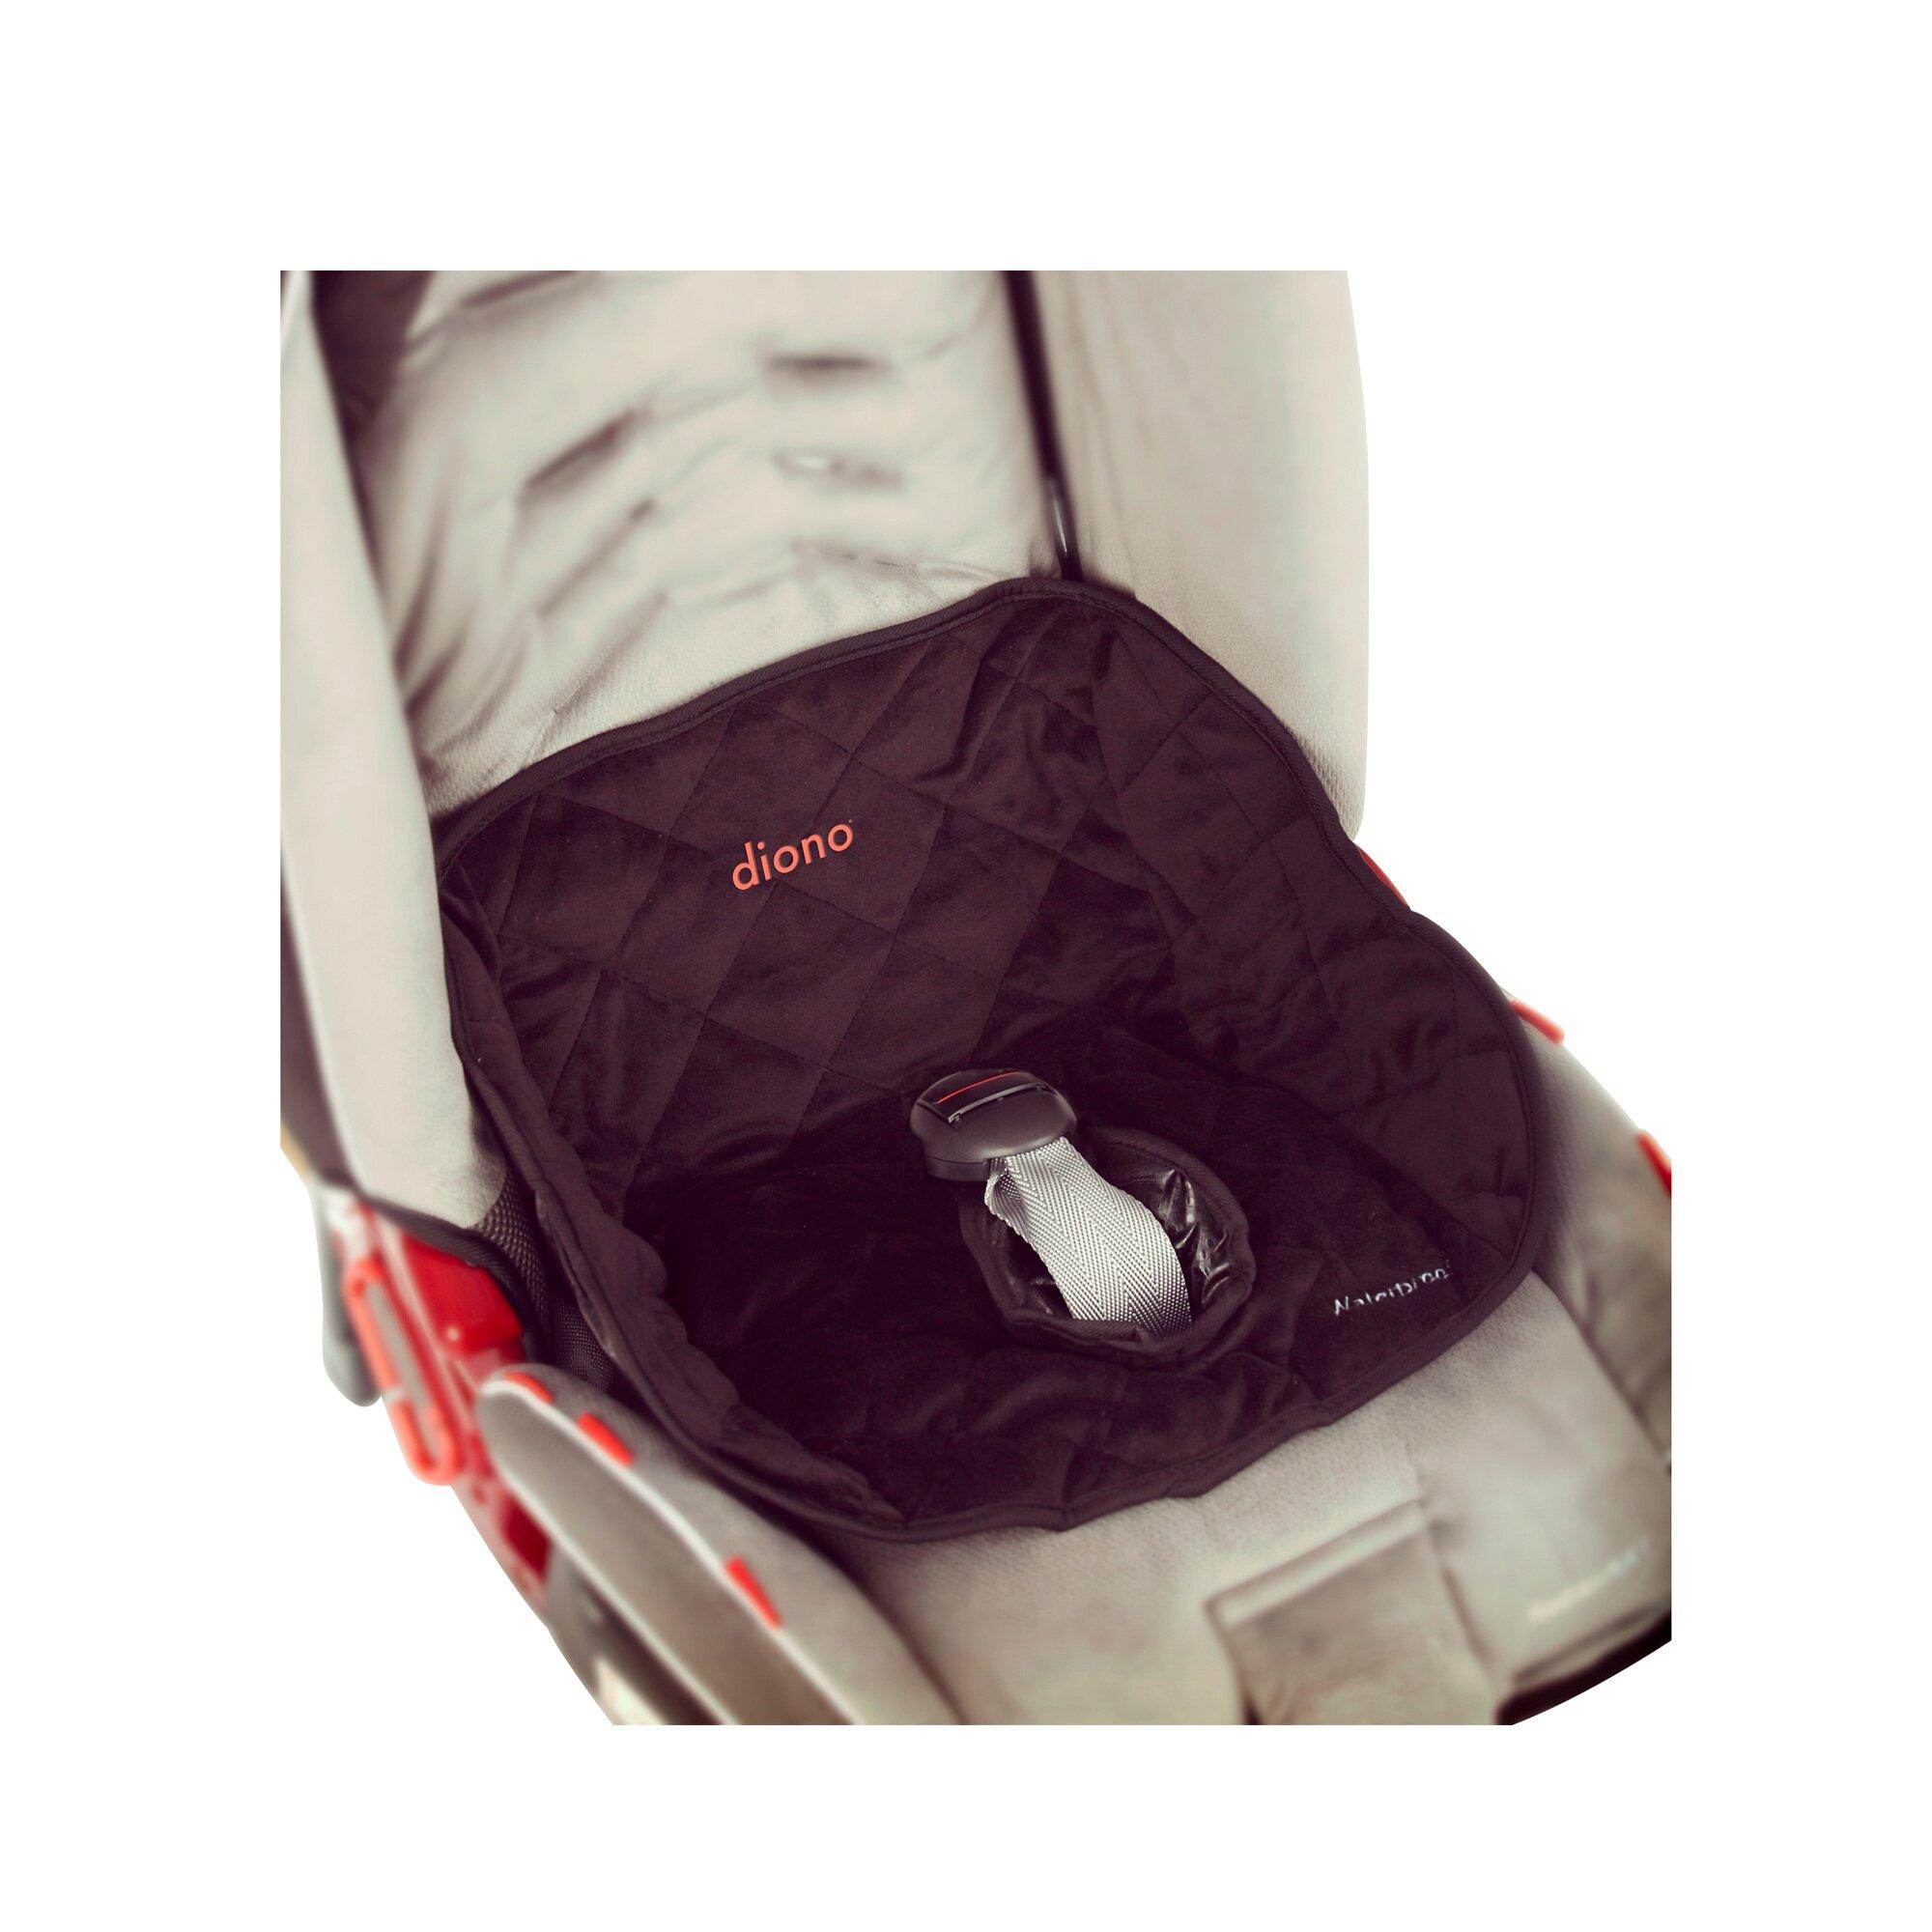 diono-sitzauflage-ultra-dry-seat-fur-kinderwagen-sportwagen-buggy-schwarz